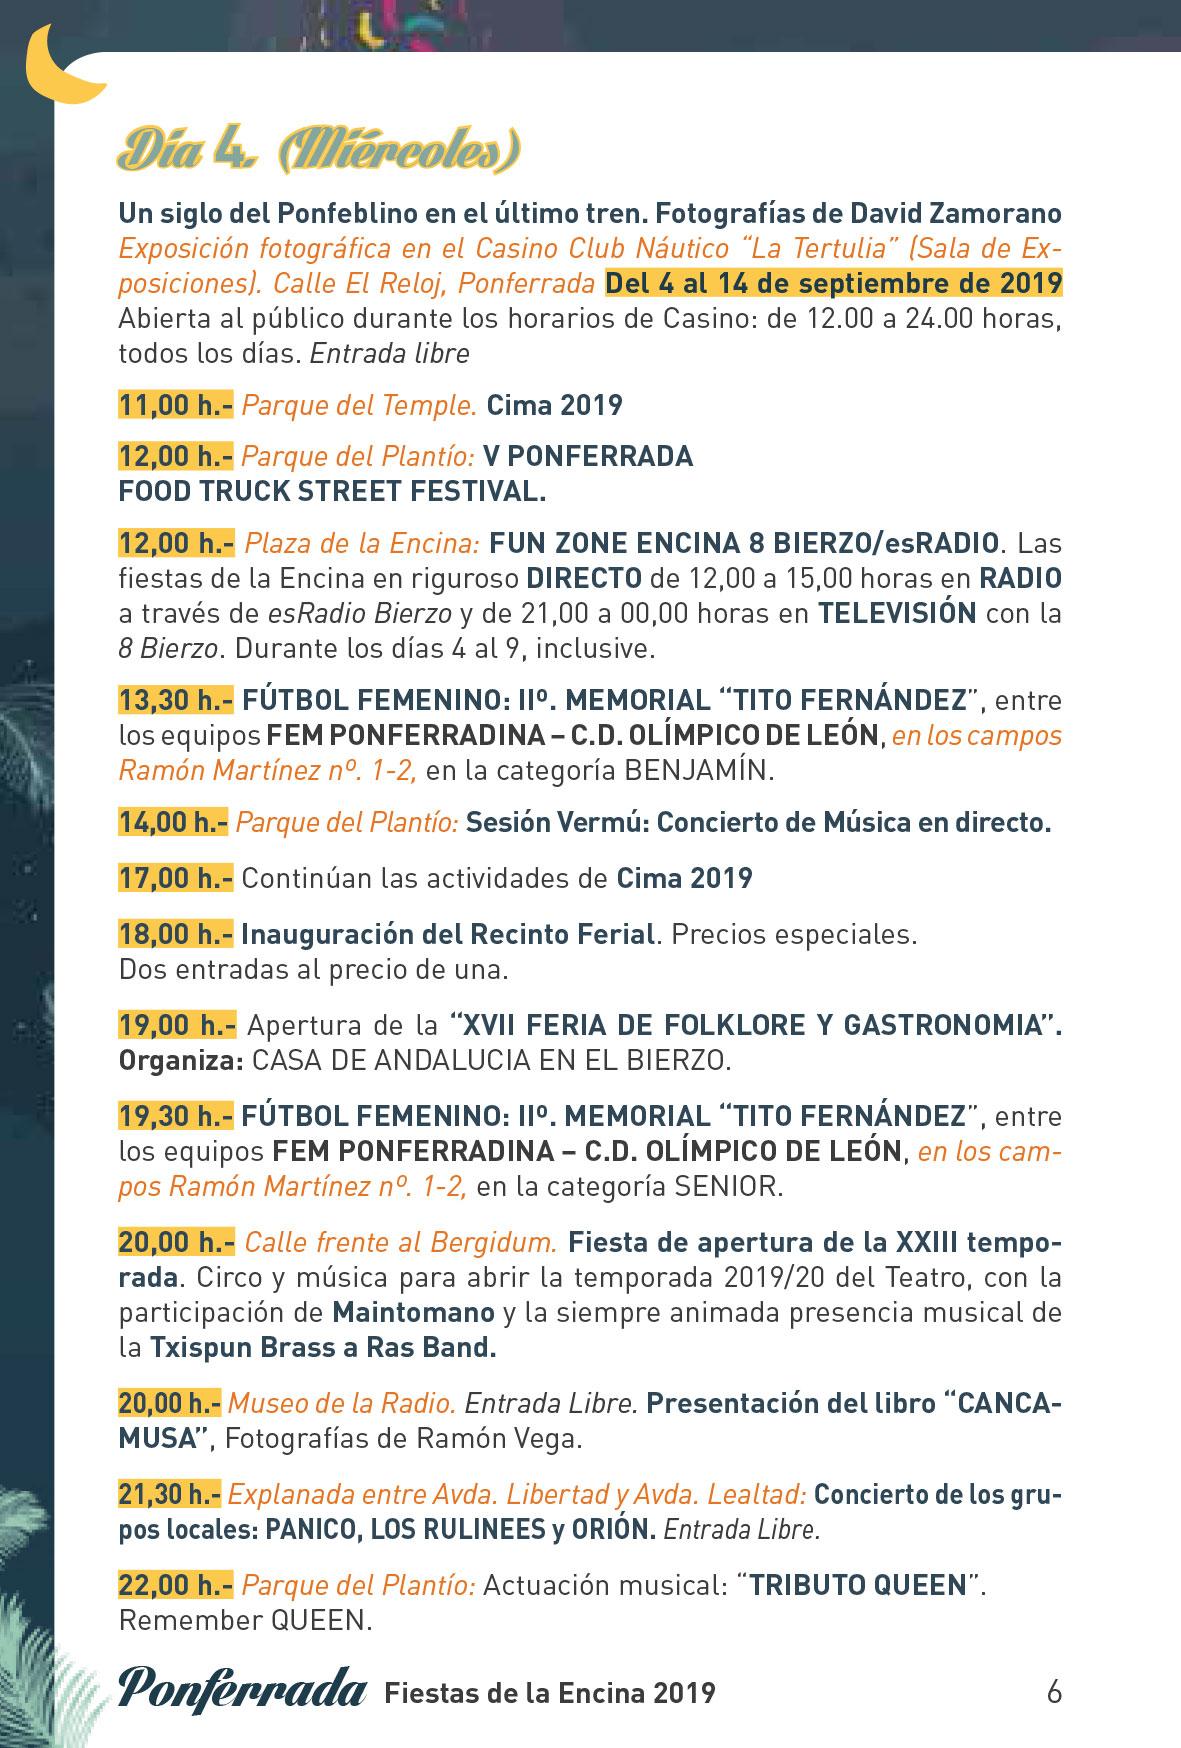 Fiestas de la Encina 2019. Programa y actividades 6